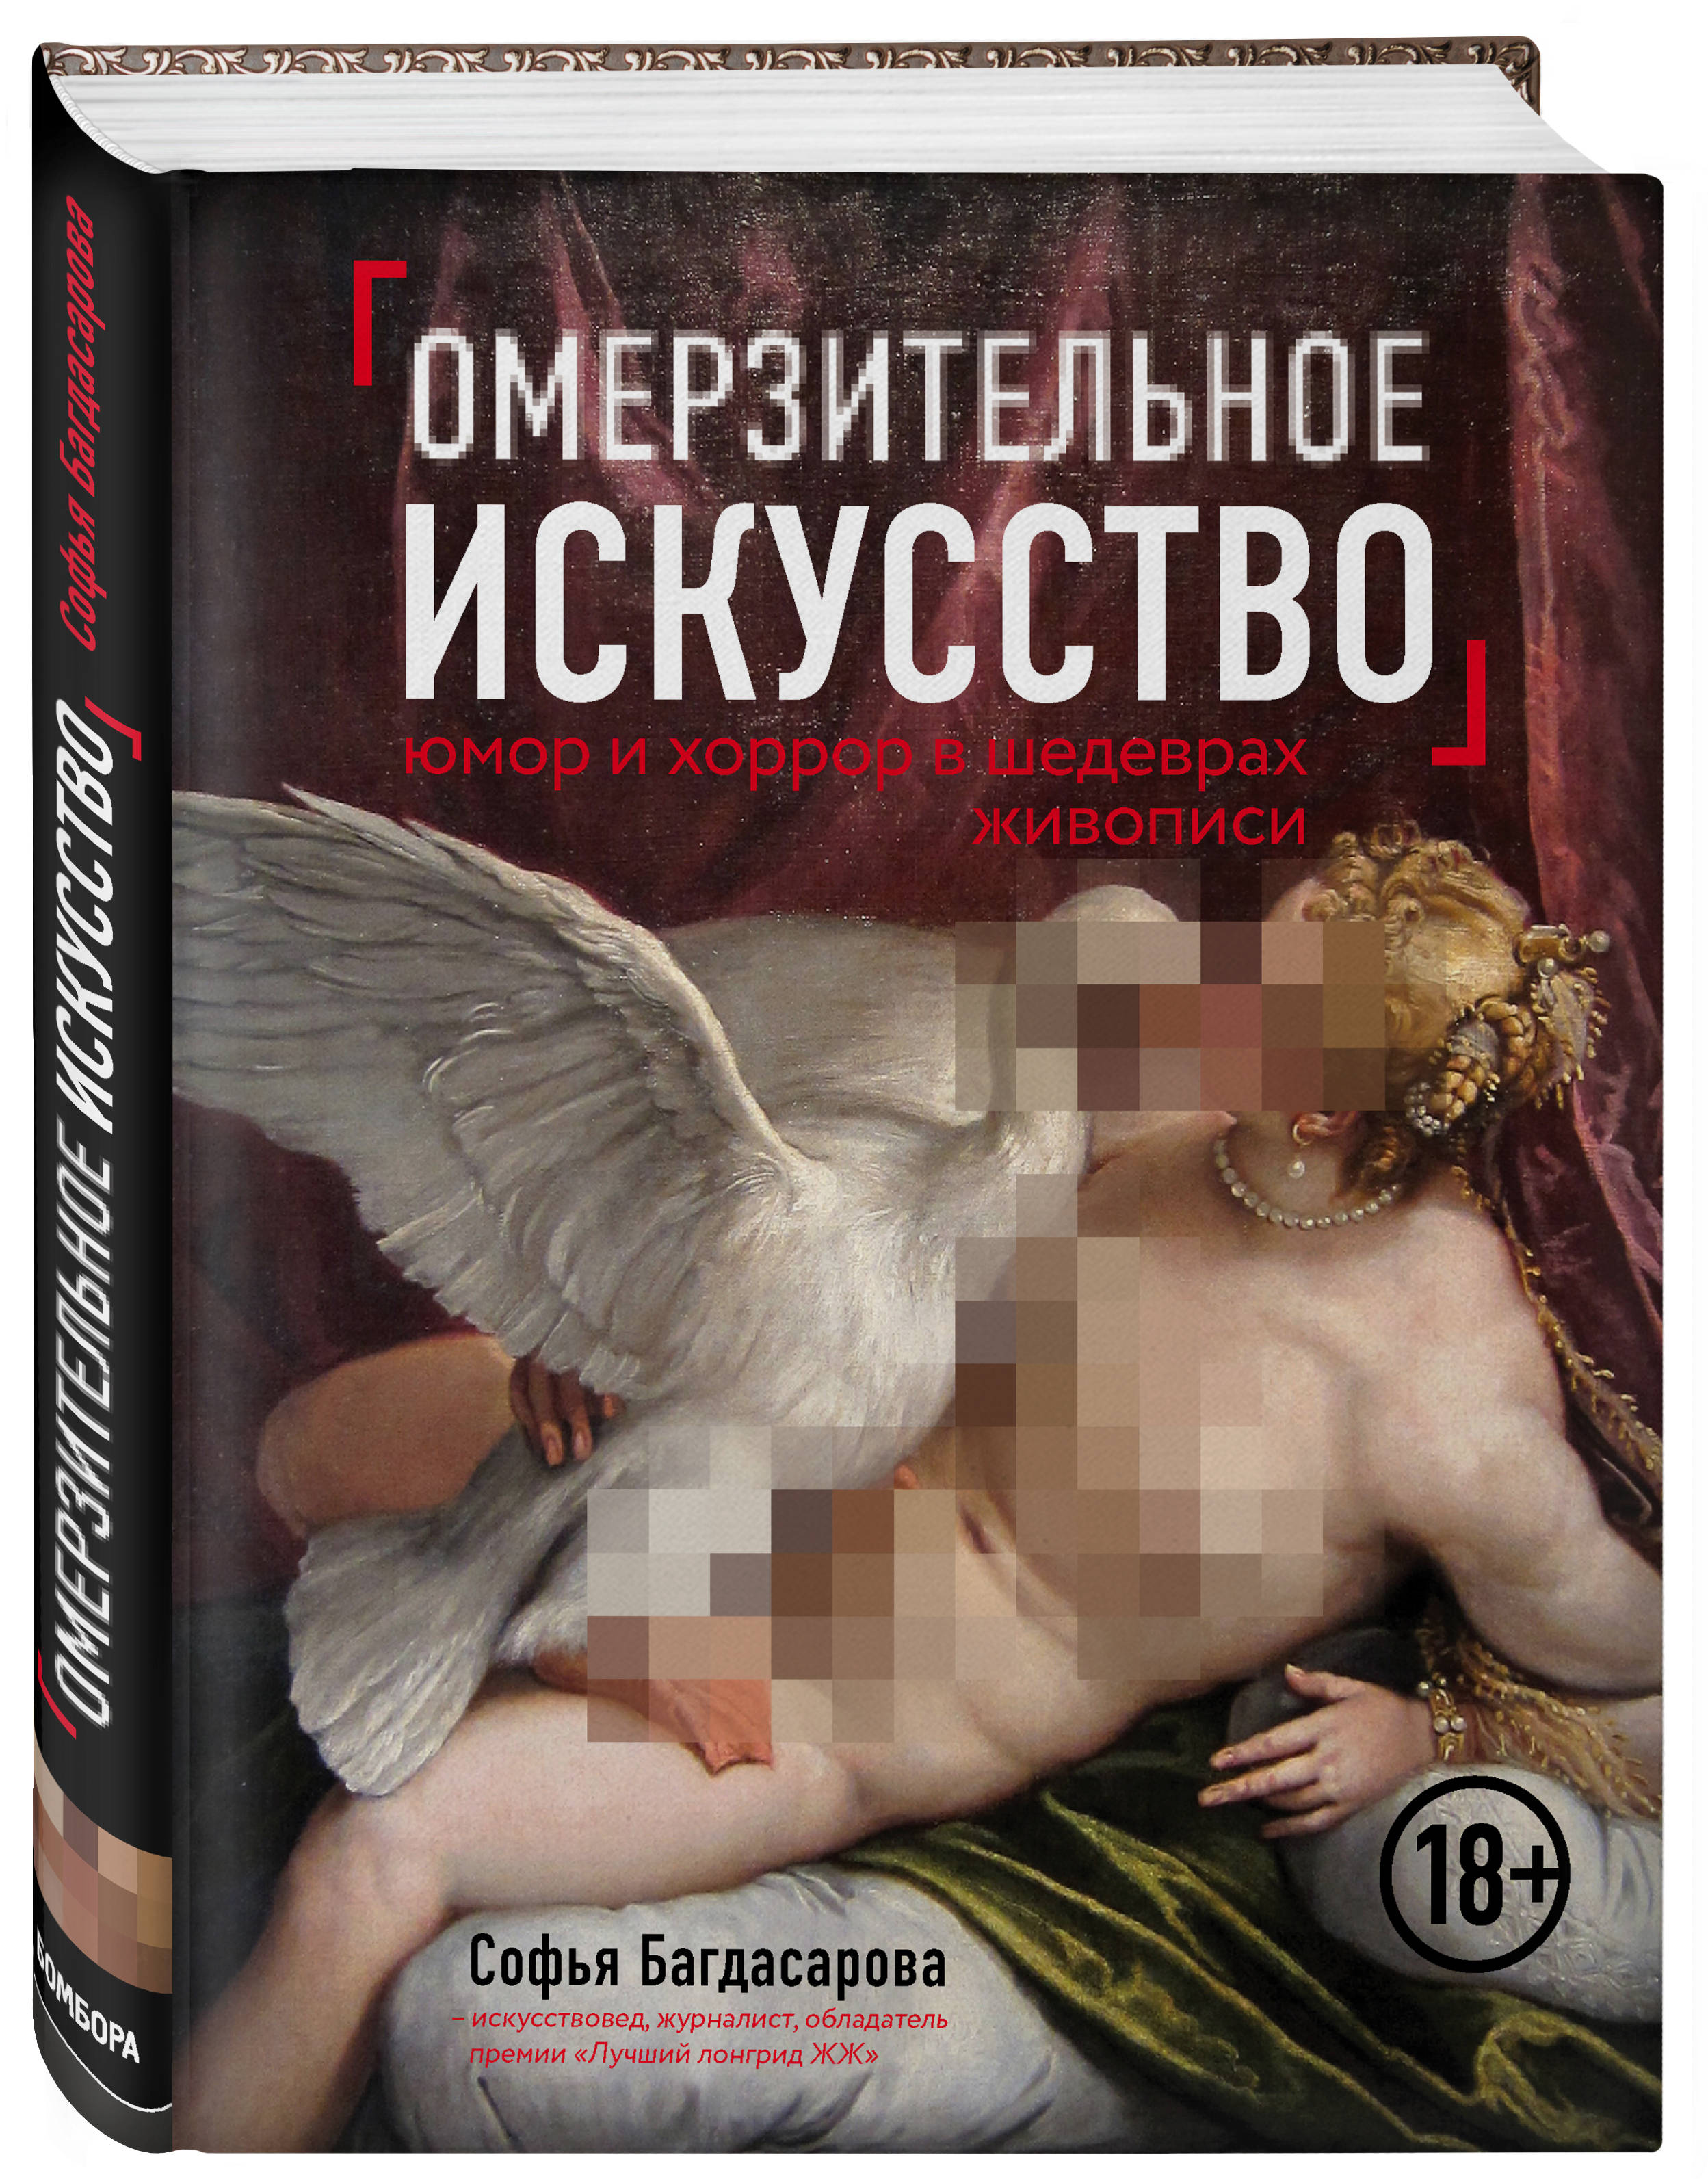 Софья Багдасарова Омерзительное искусство. Юмор и хоррор шедевров живописи